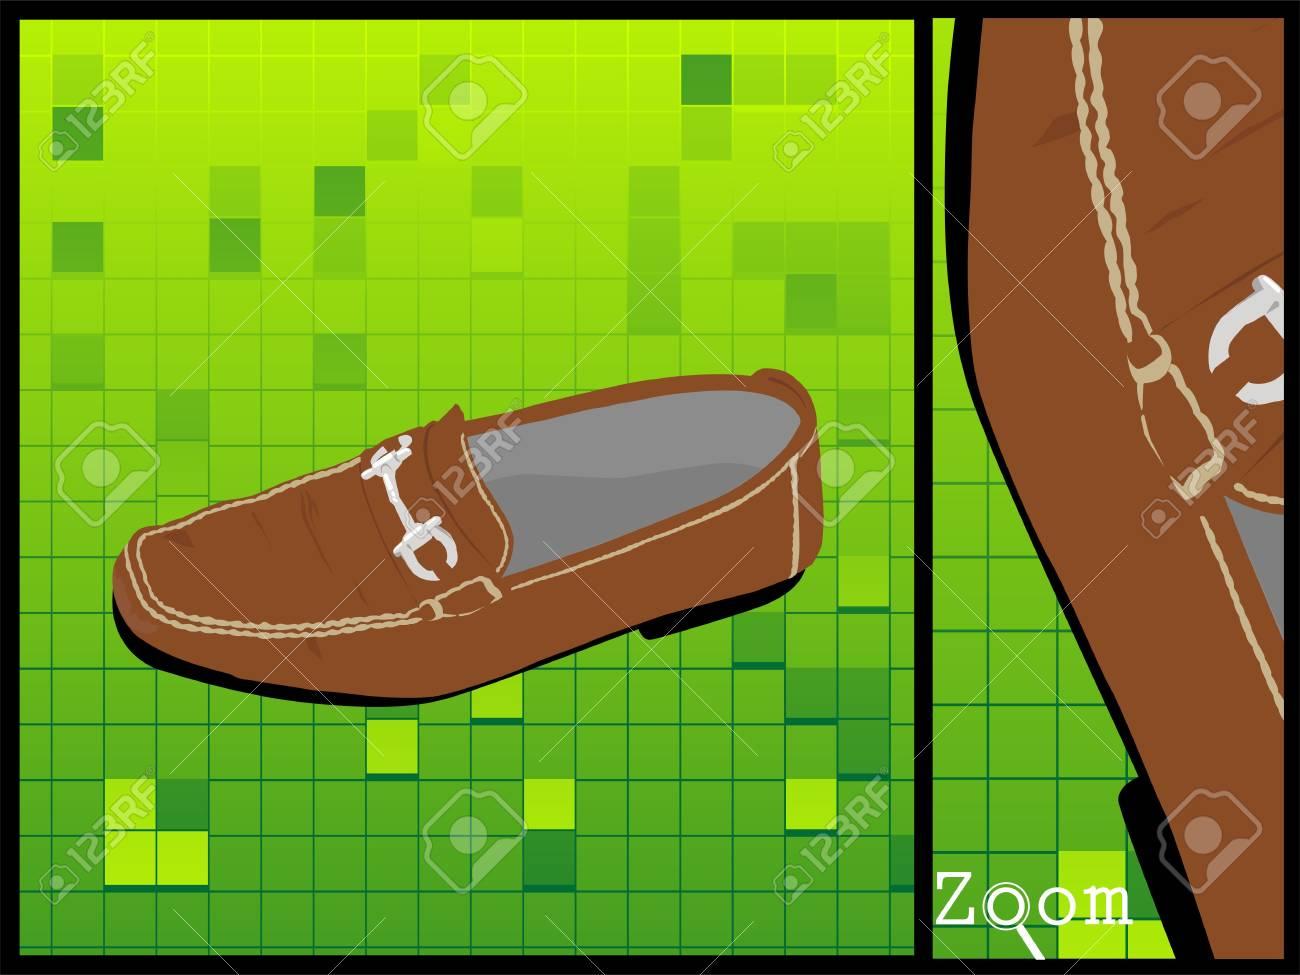 leather shoe on isolated background Stock Photo - 3540409